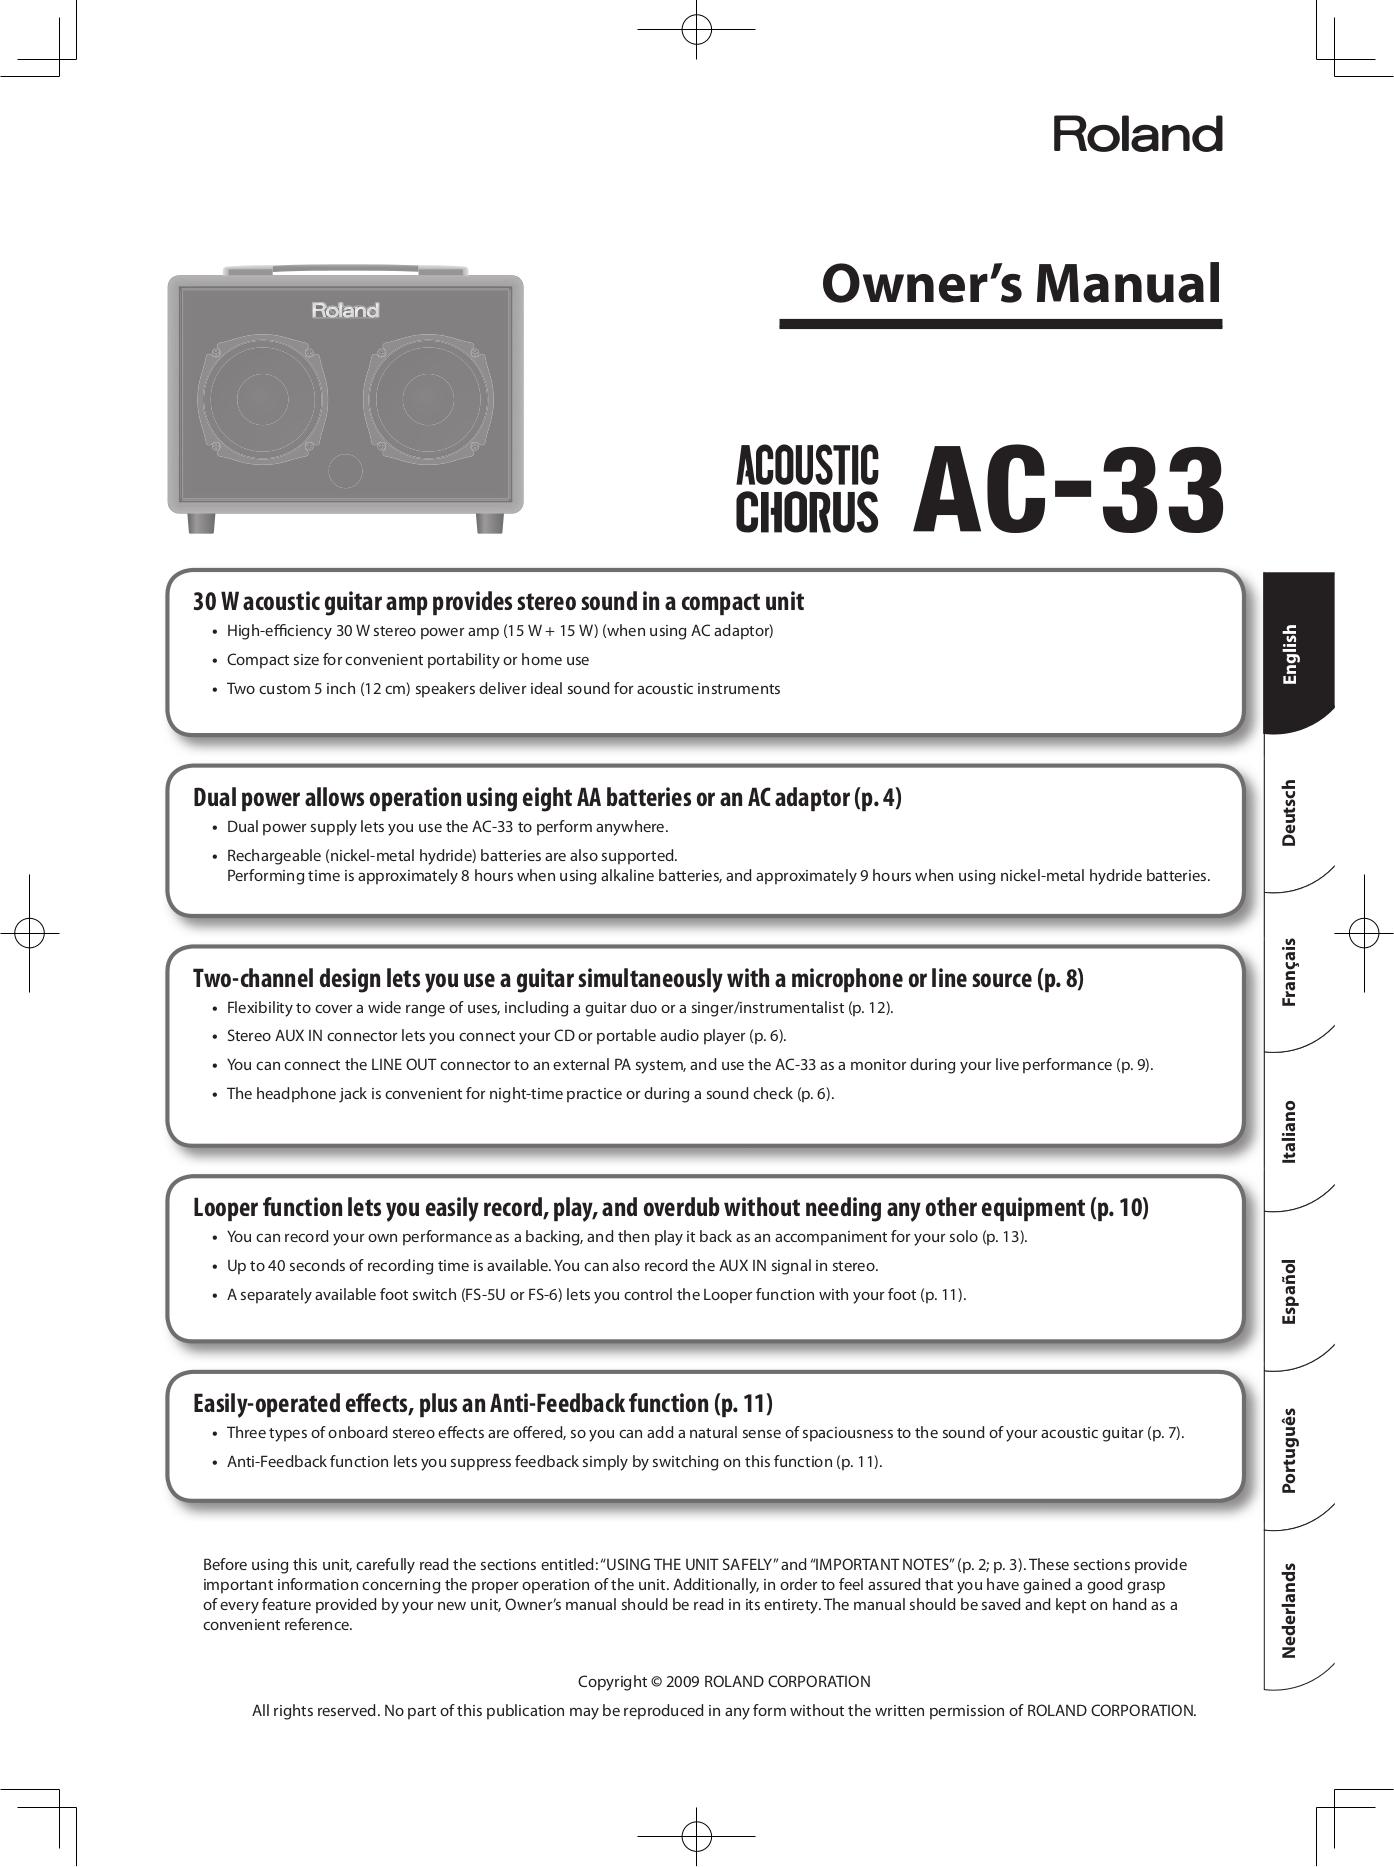 download free pdf for roland ac 33 amp manual. Black Bedroom Furniture Sets. Home Design Ideas